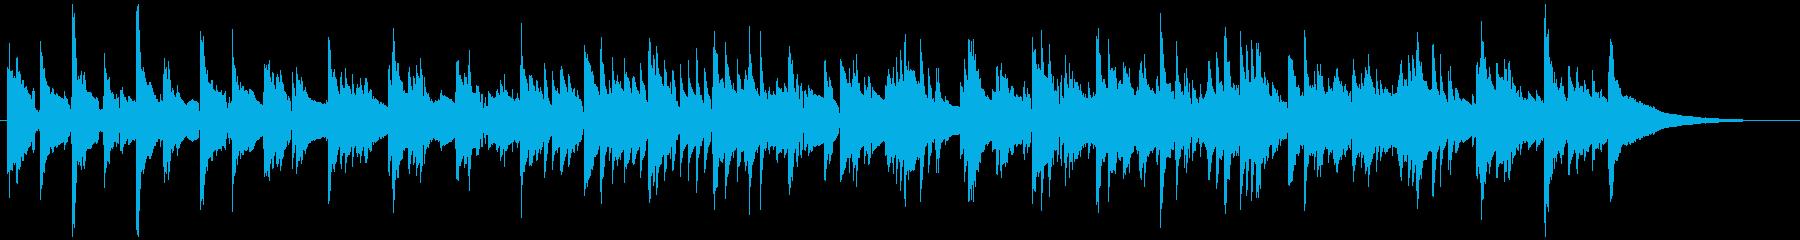 ピアノのカントリーバラードの再生済みの波形